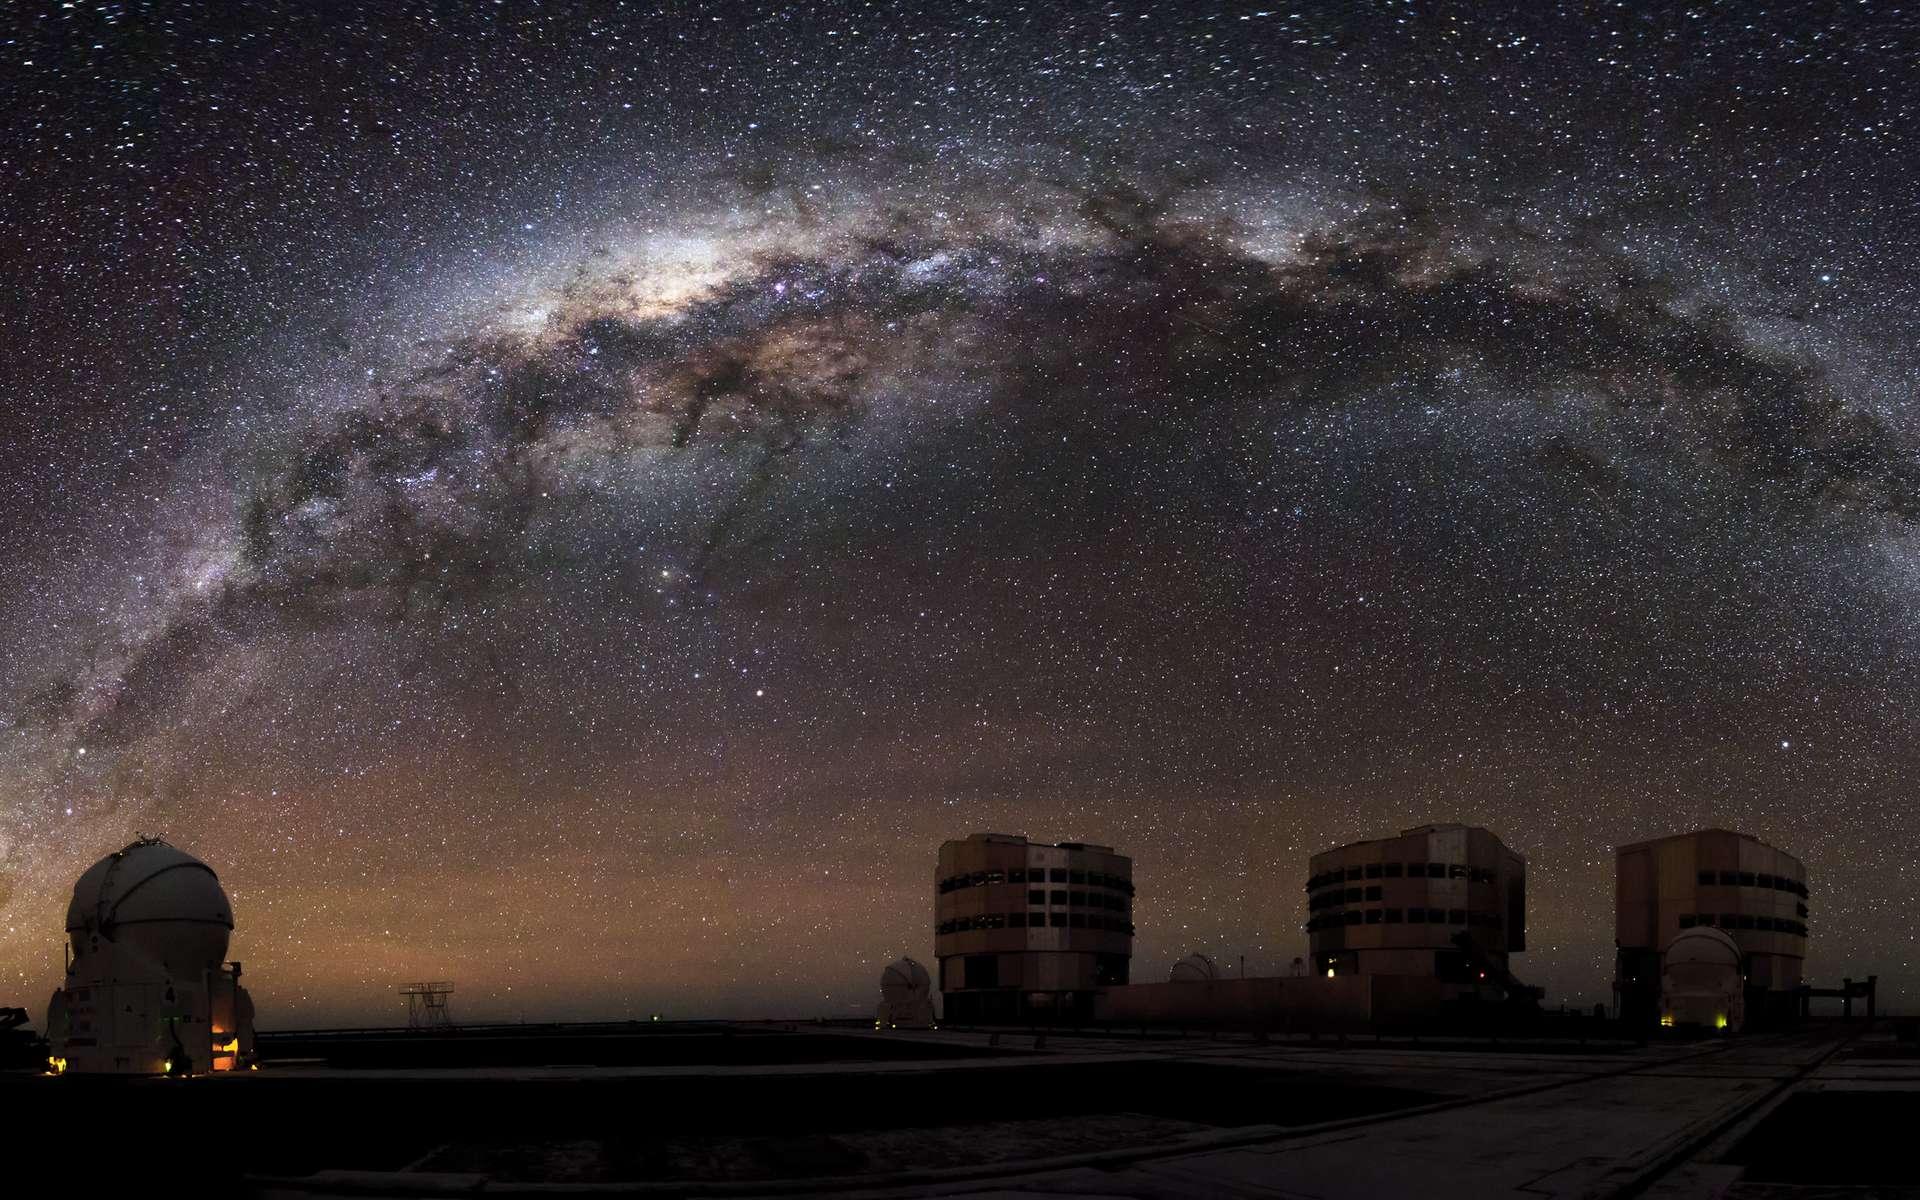 L'Observatoire Paranal, situé dans le désert d'Atacama au nord du Chili, offre des conditions d'observations optimales et ultra performantes grâce au très grand télescope VLT (very large telescope). © A. Russell, ESO.